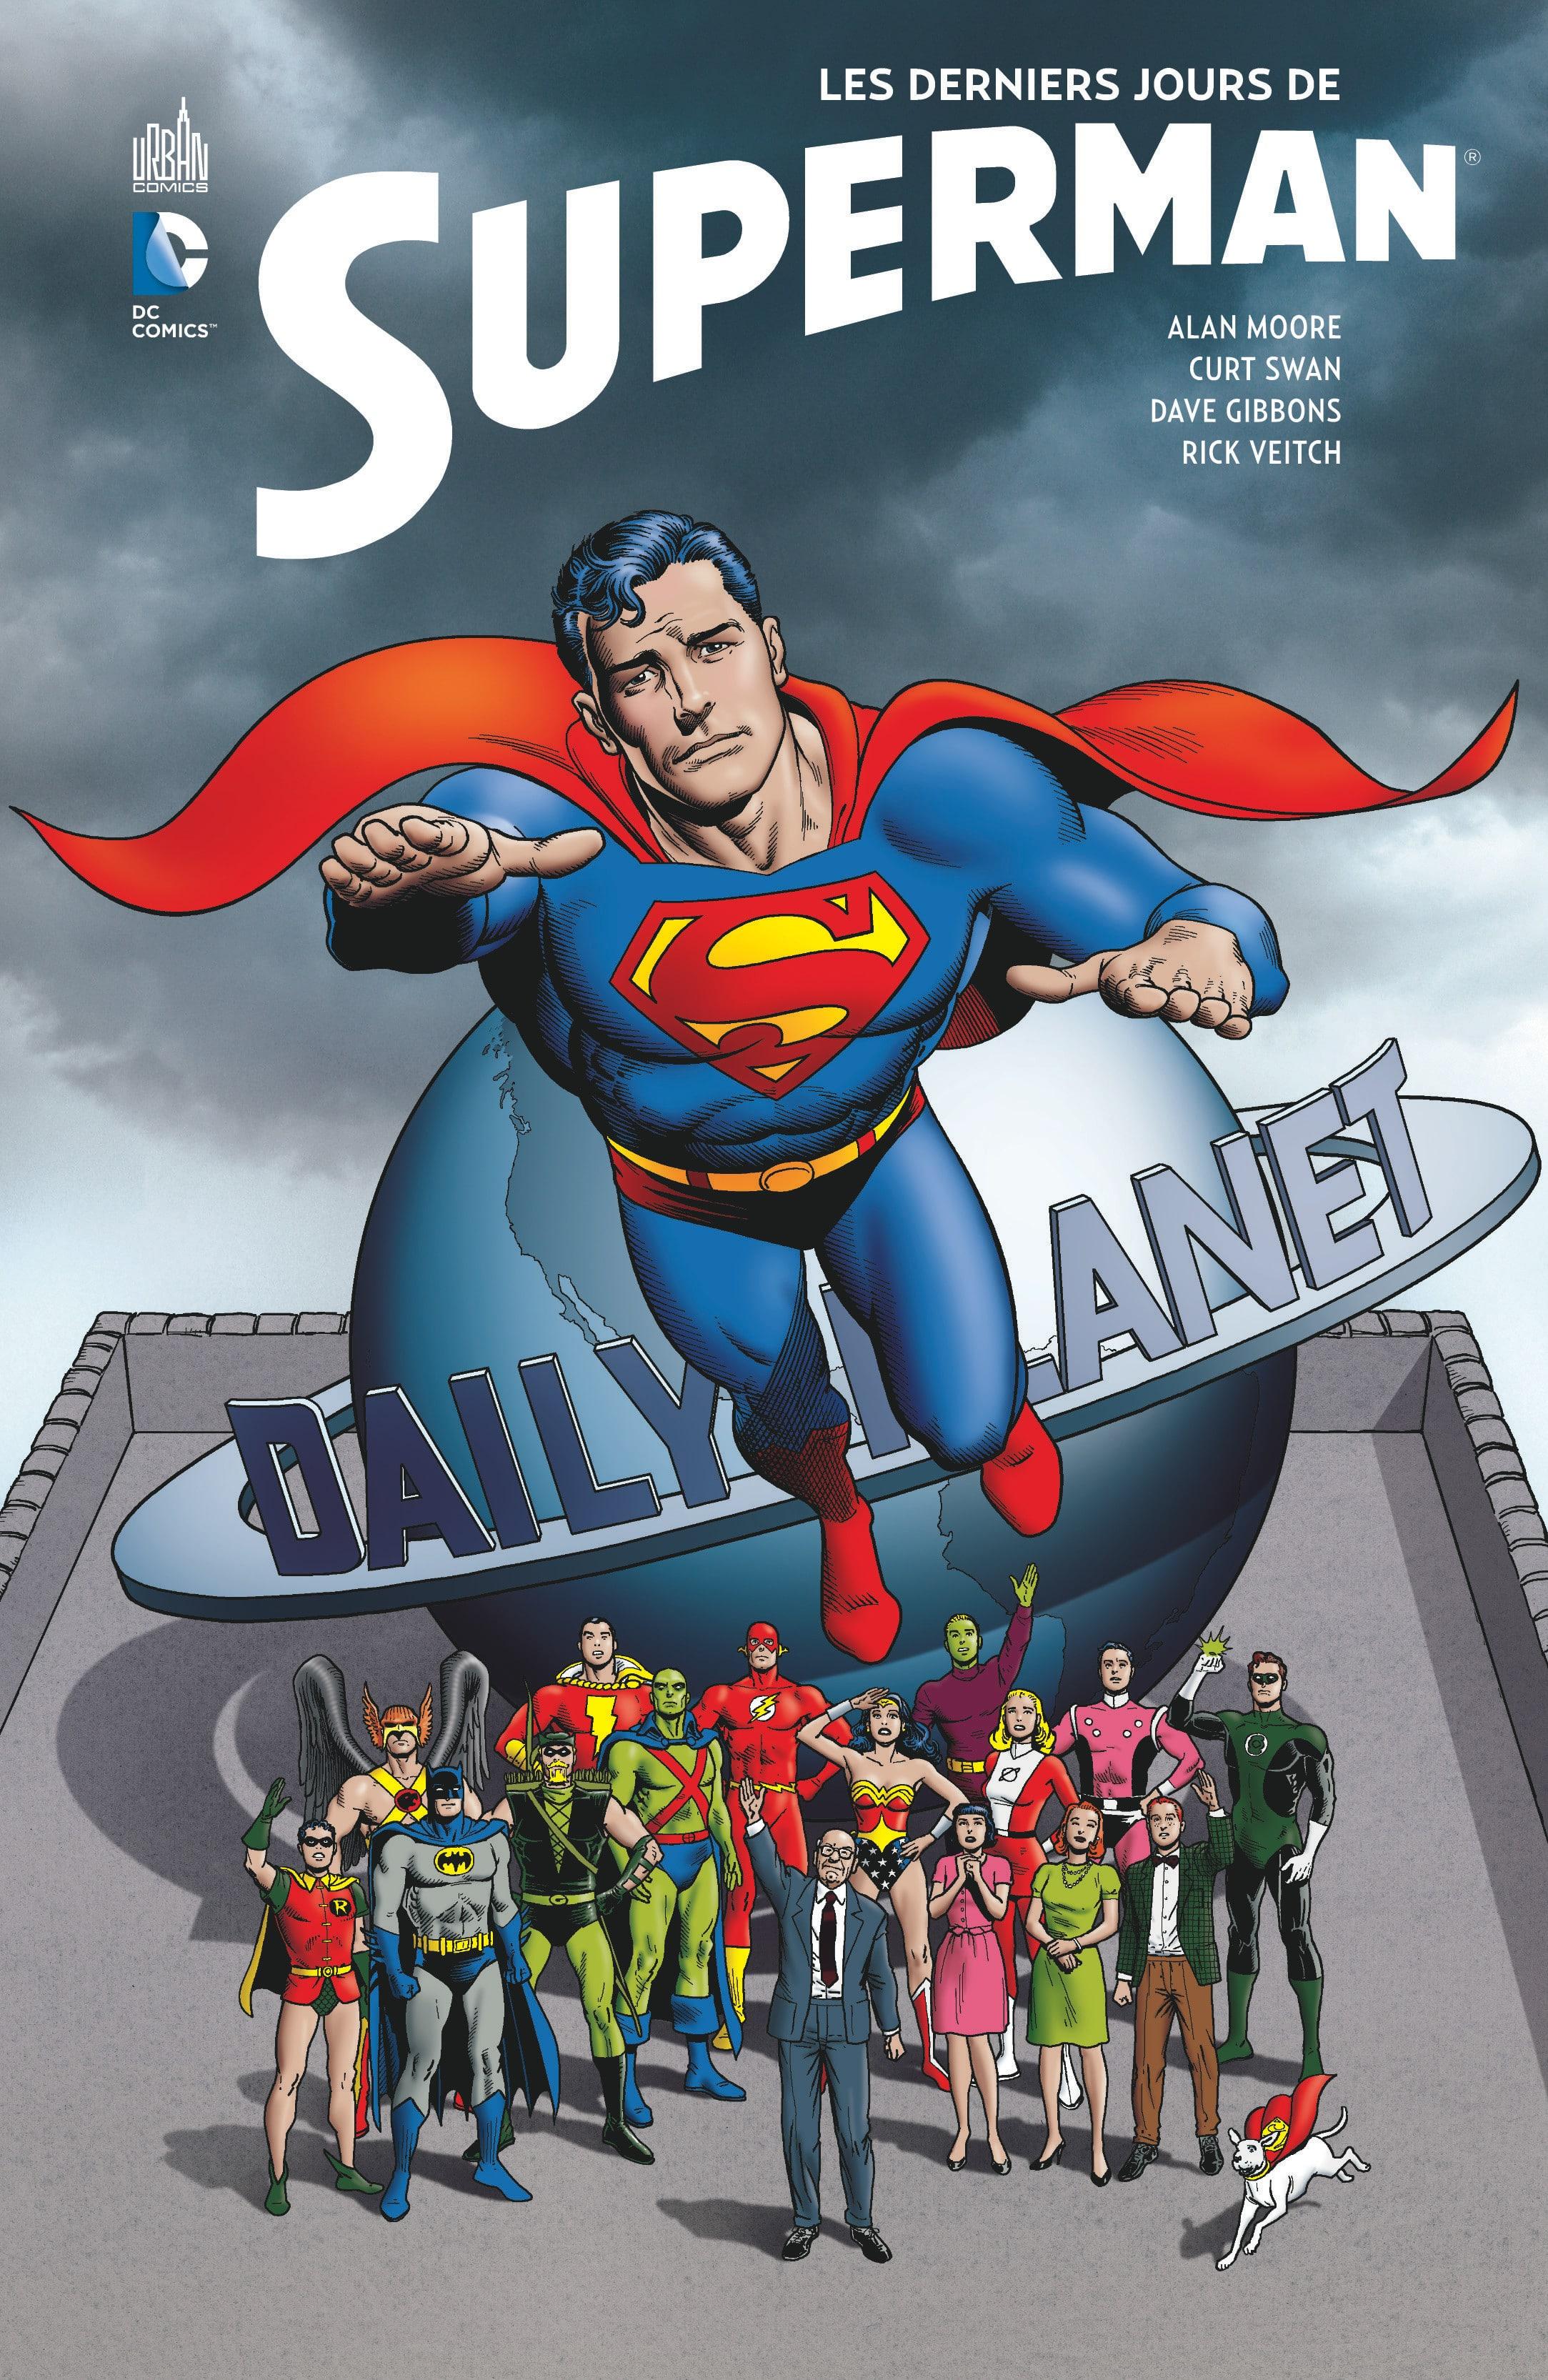 Review VF - Les derniers jours de Superman 1